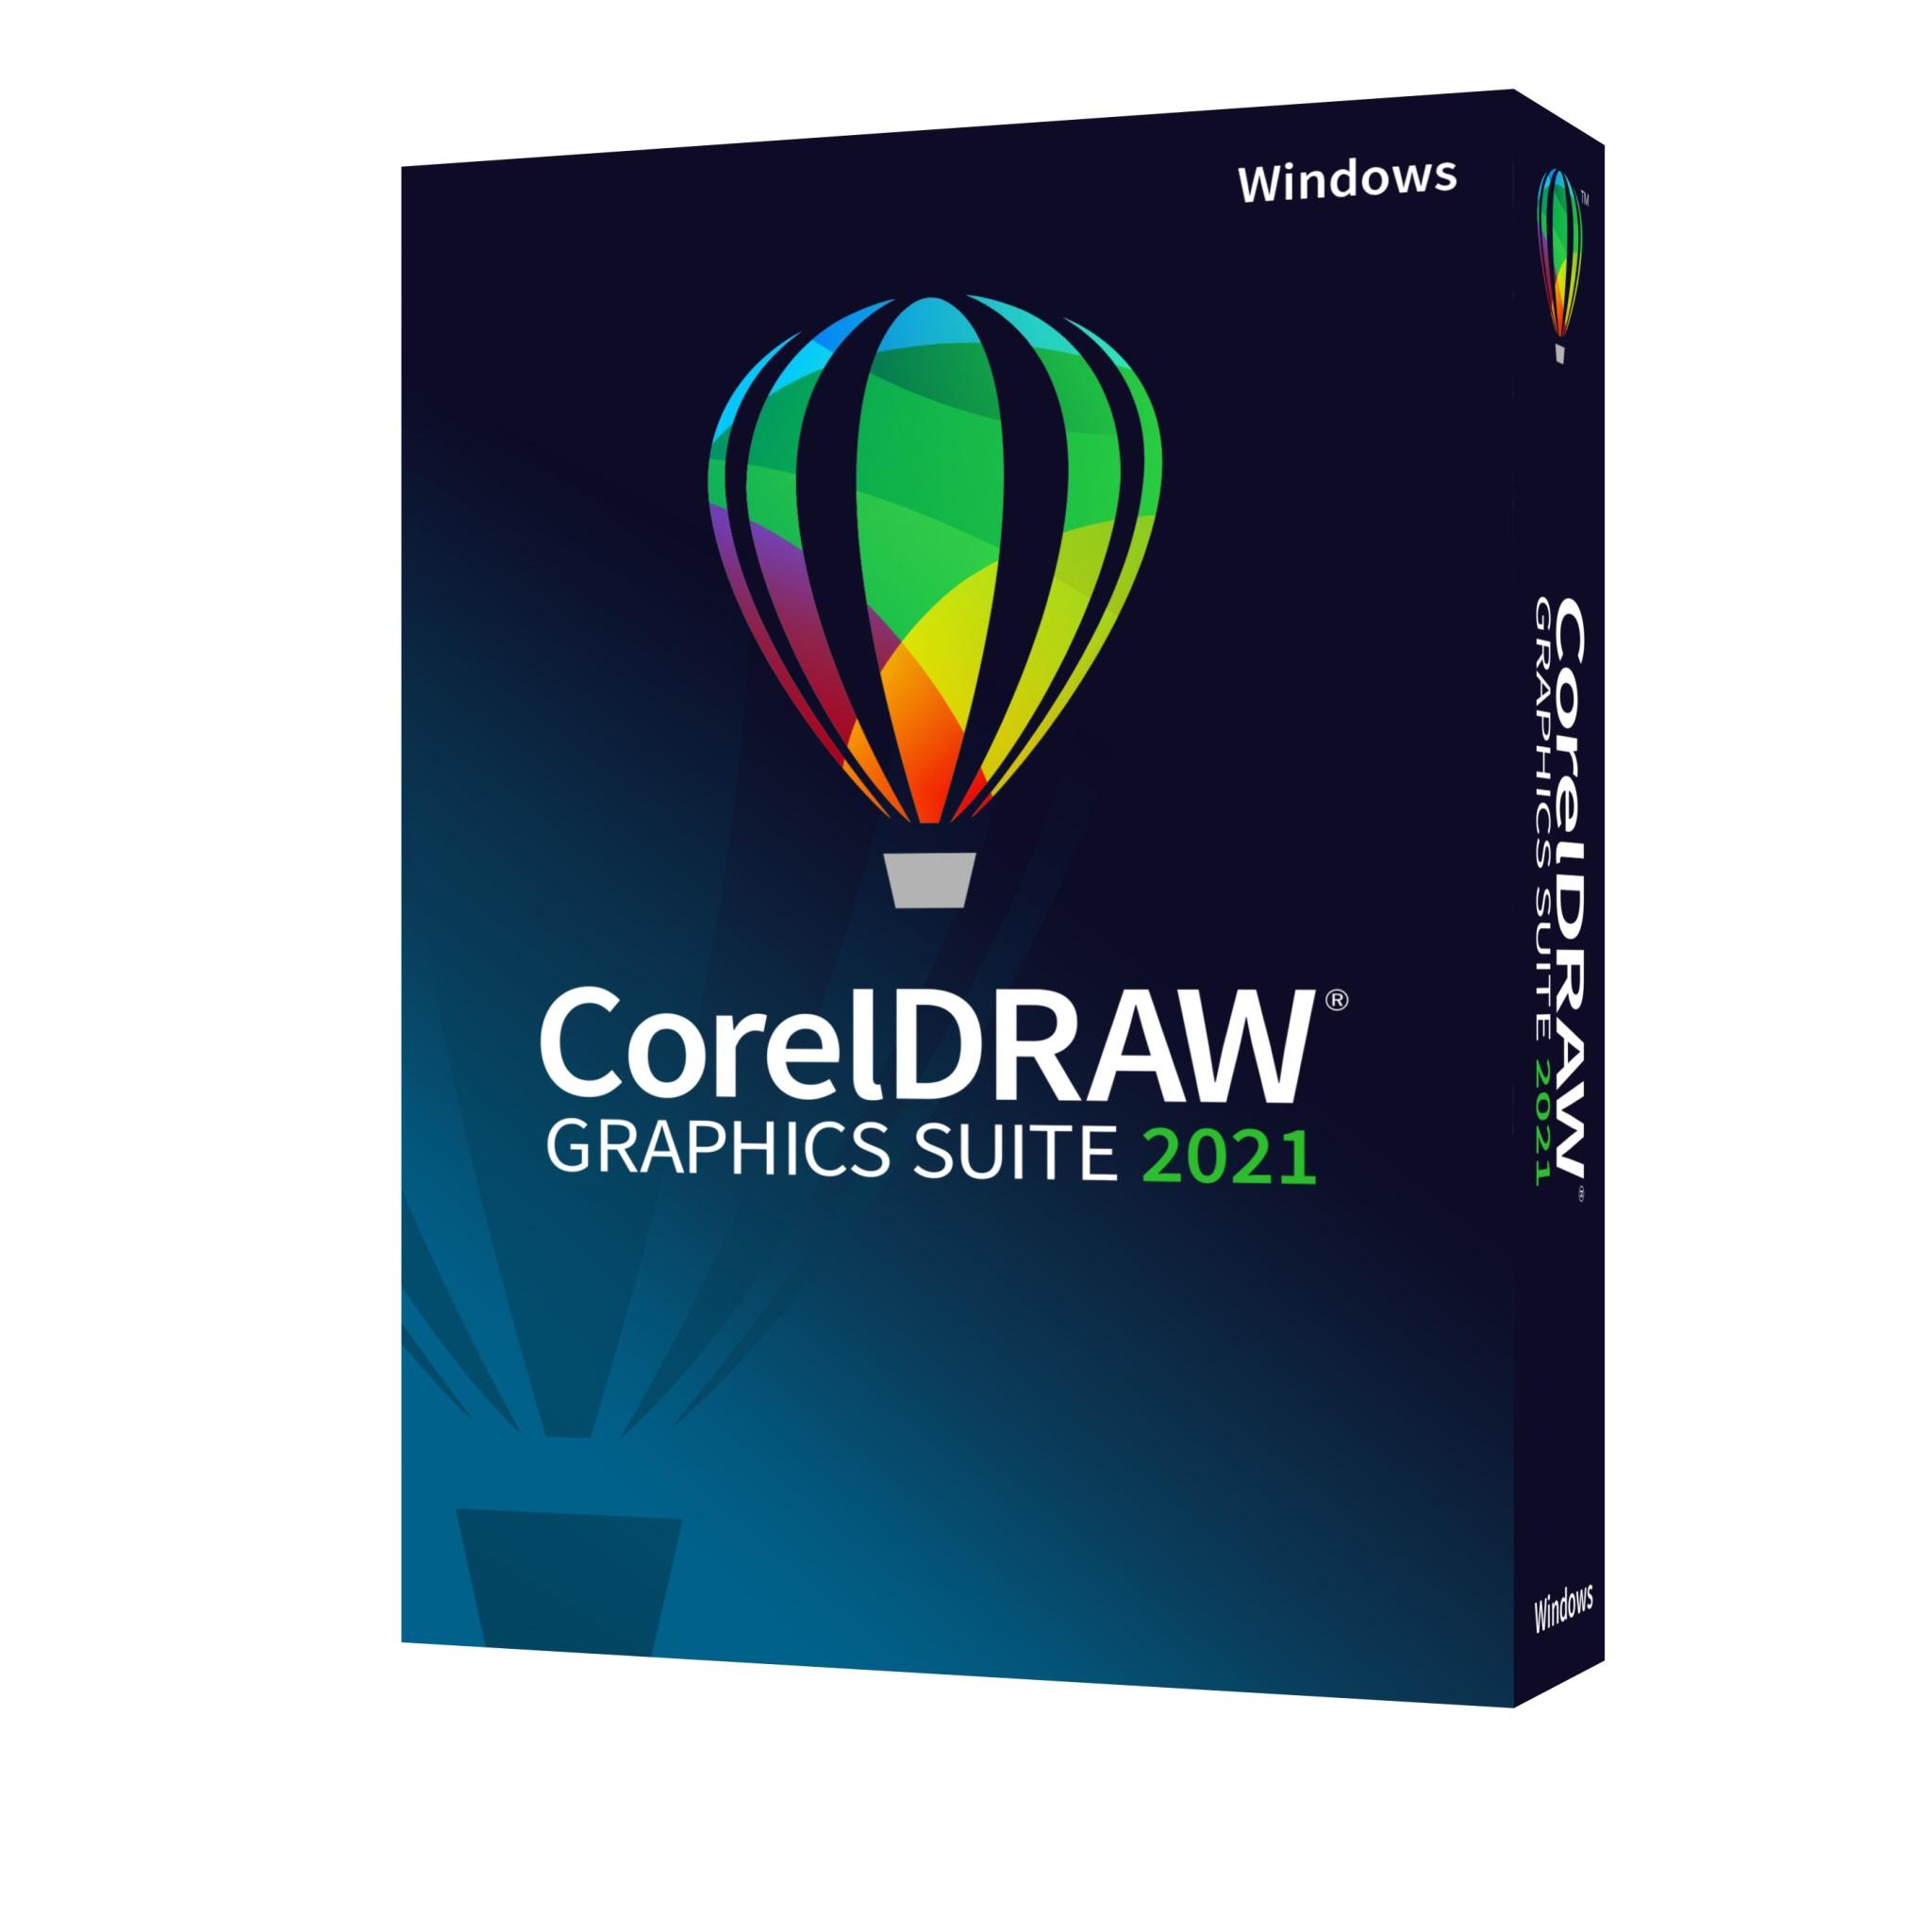 CorelDRAW Graphics Suite 2021 Win